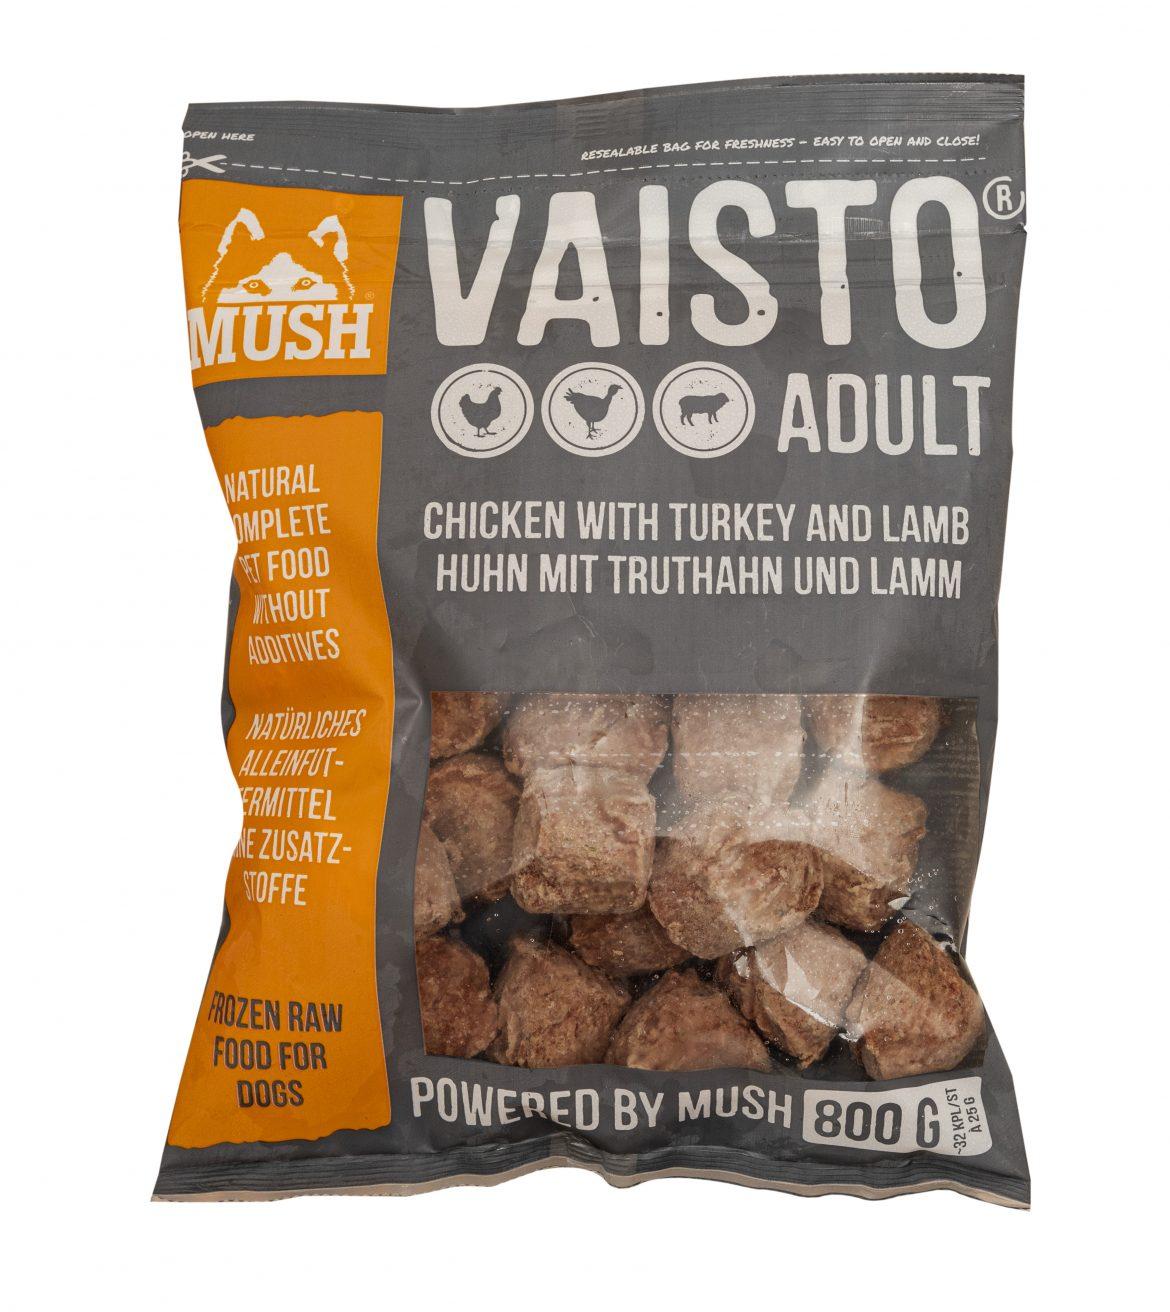 Vaisto_adult_Chicken-800g.jpg